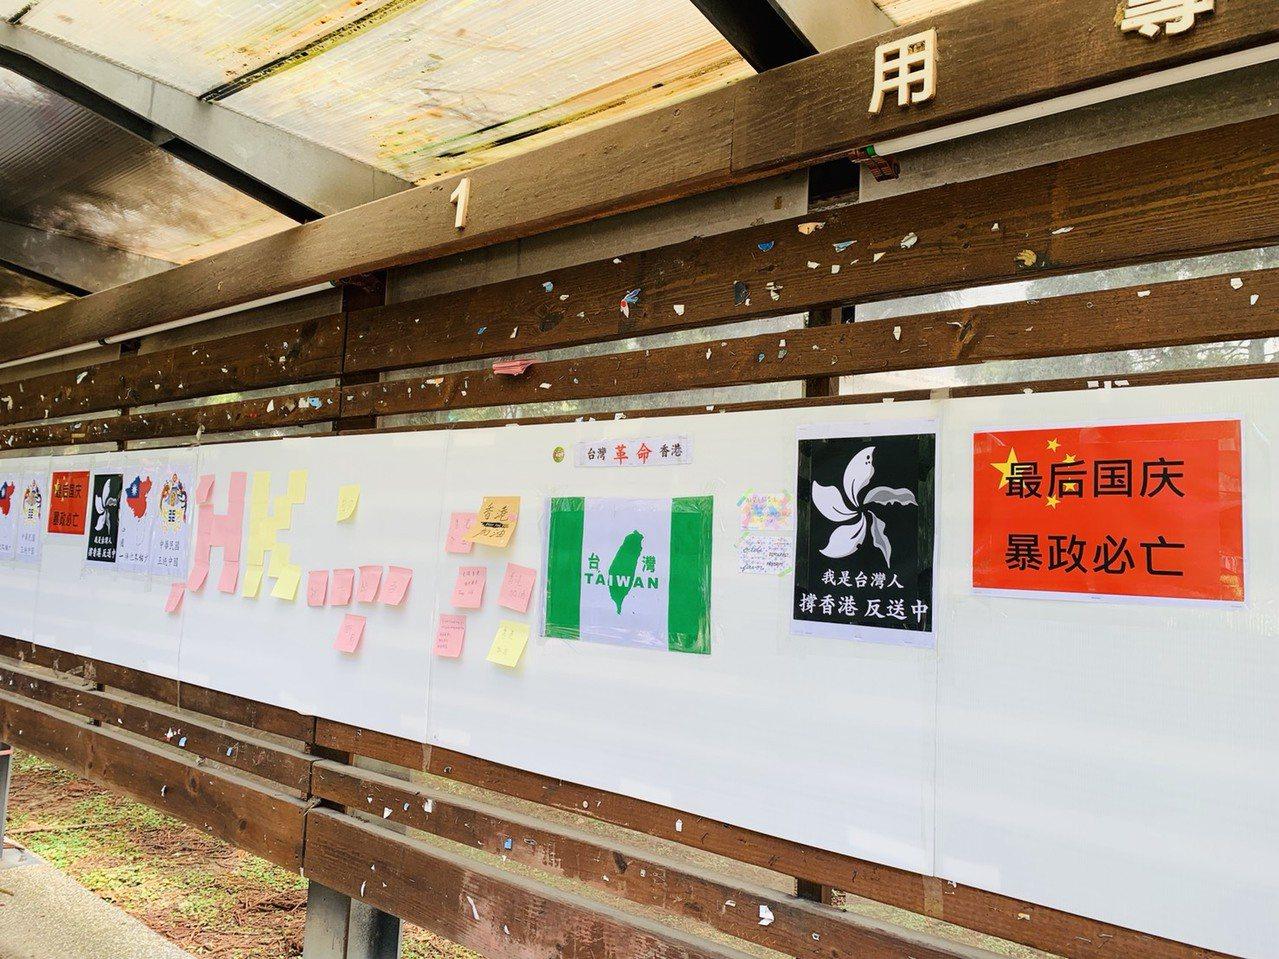 清大校園有2座連儂牆提供學生自由發表意見。紀者張雅婷/攝影